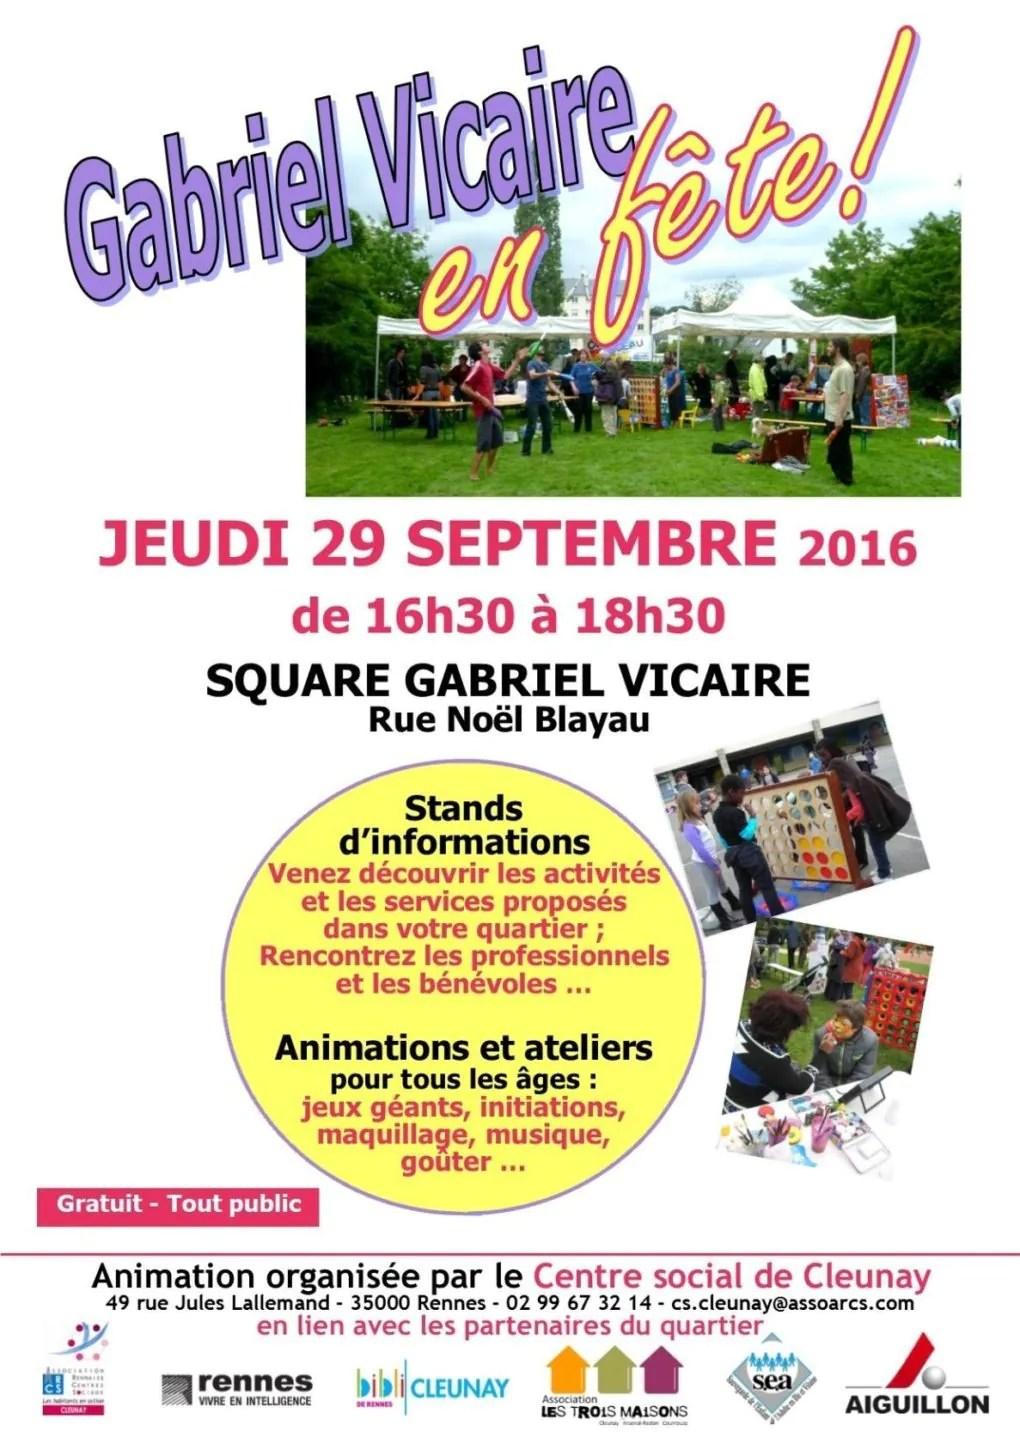 Square Gabriel-Vicaire en fête ! Rennes